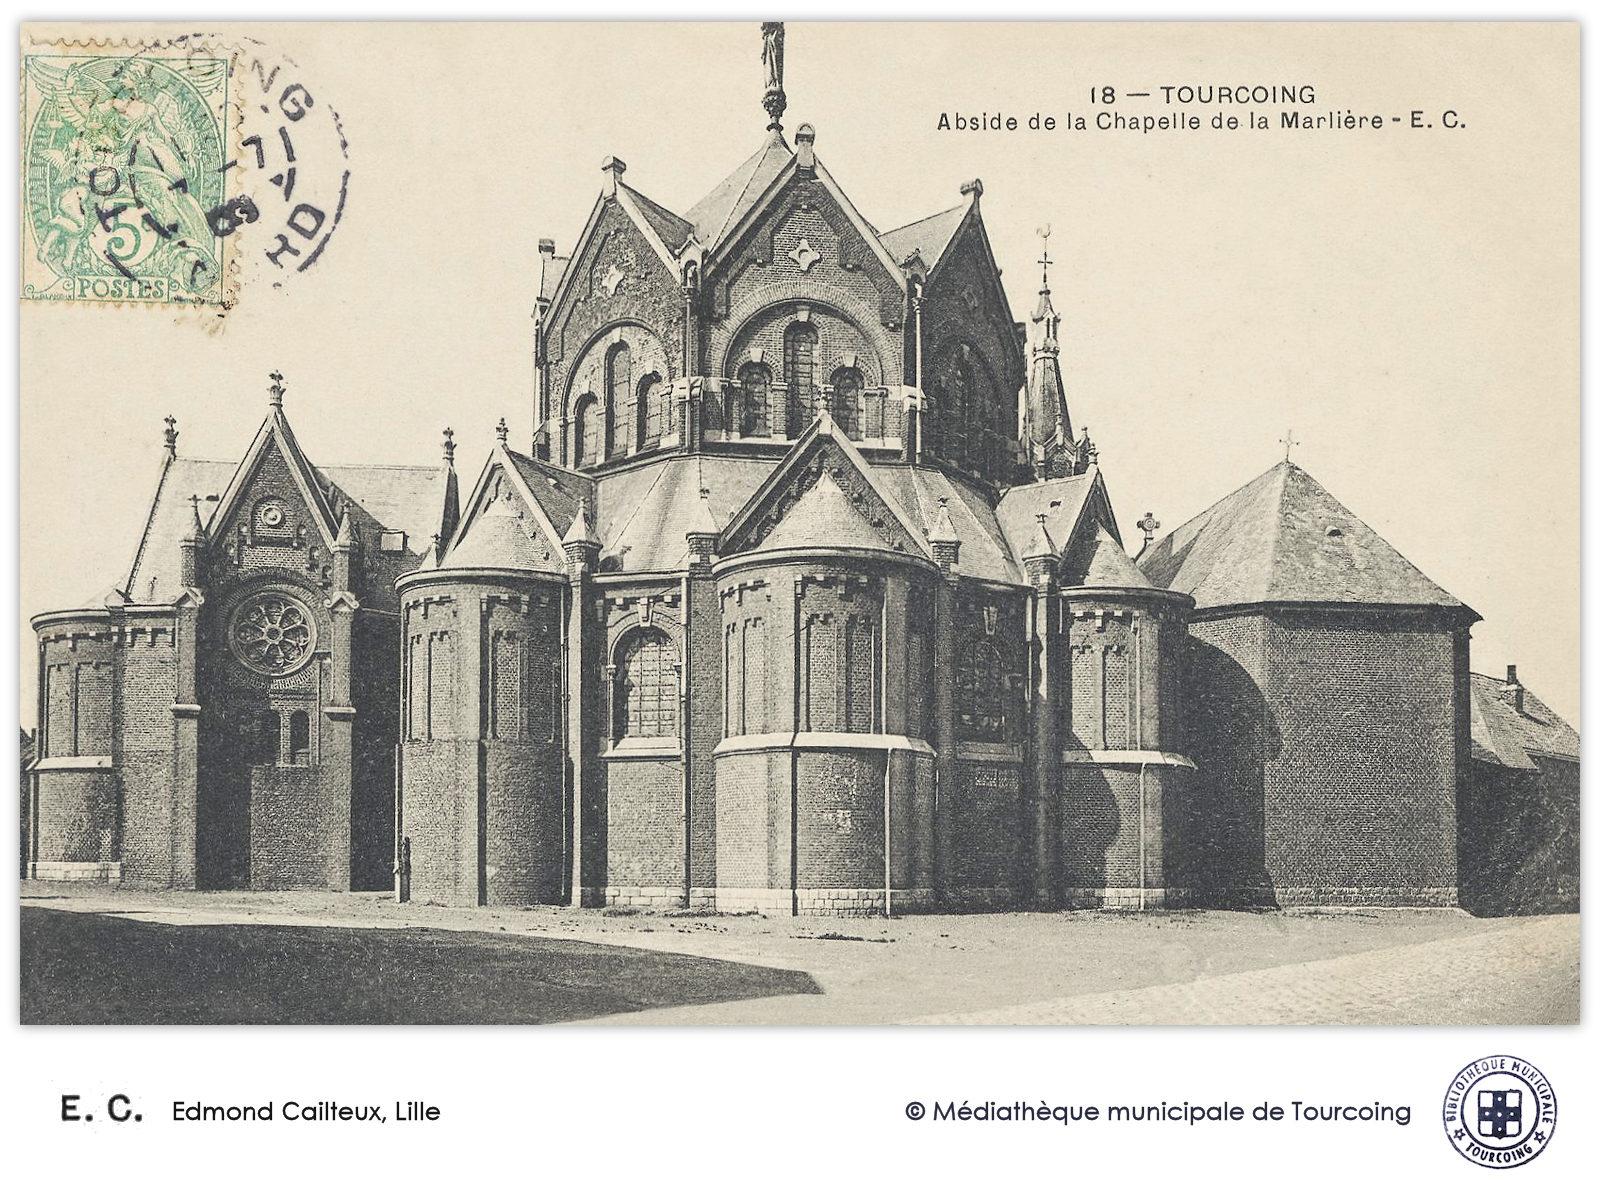 Chapelle Marlière Tourcoing - E. C. Edmond Cailteux éditions, Cartes Postales